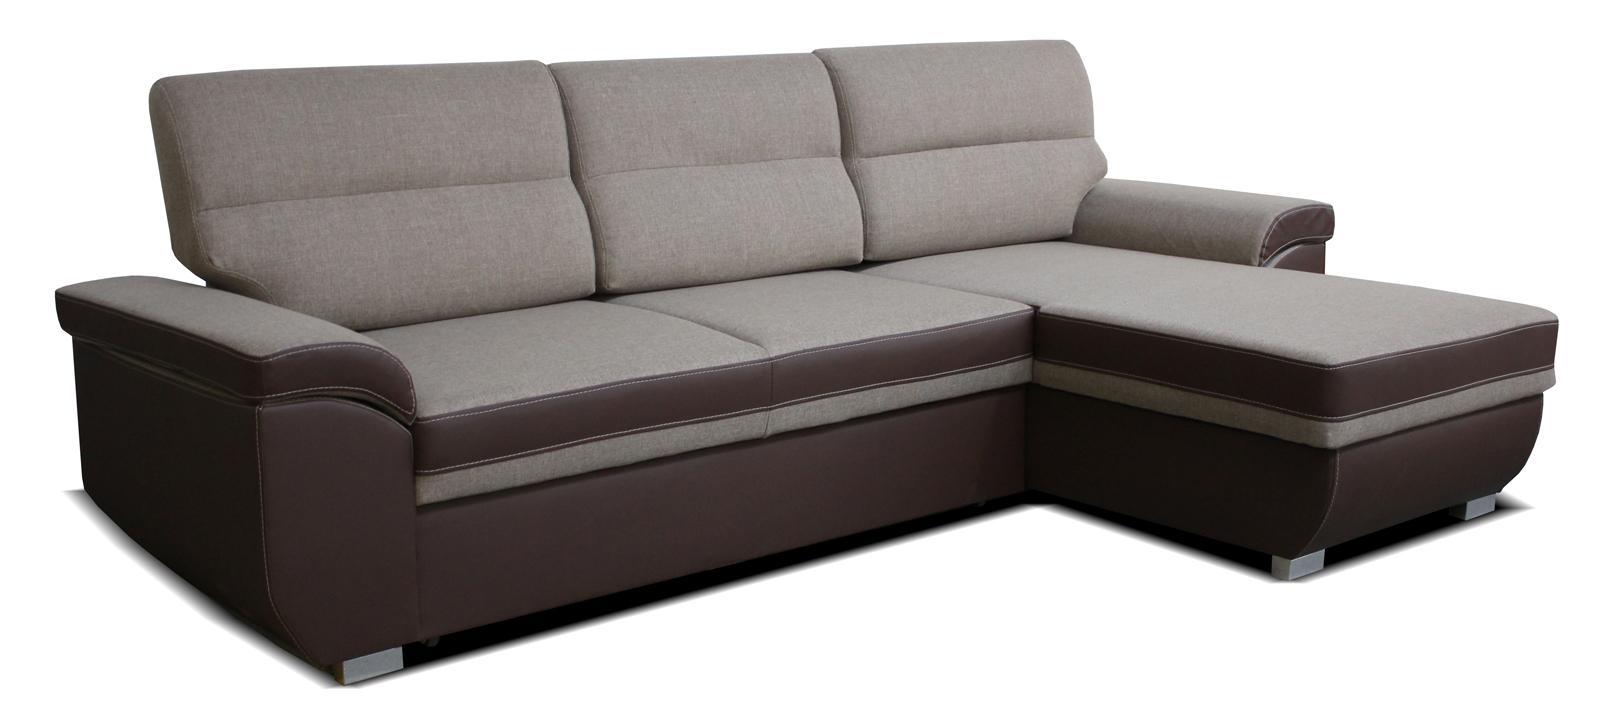 Rohová sedací souprava - Po-Sed - Lucan 2F+L (béžová + hnědá) (P)